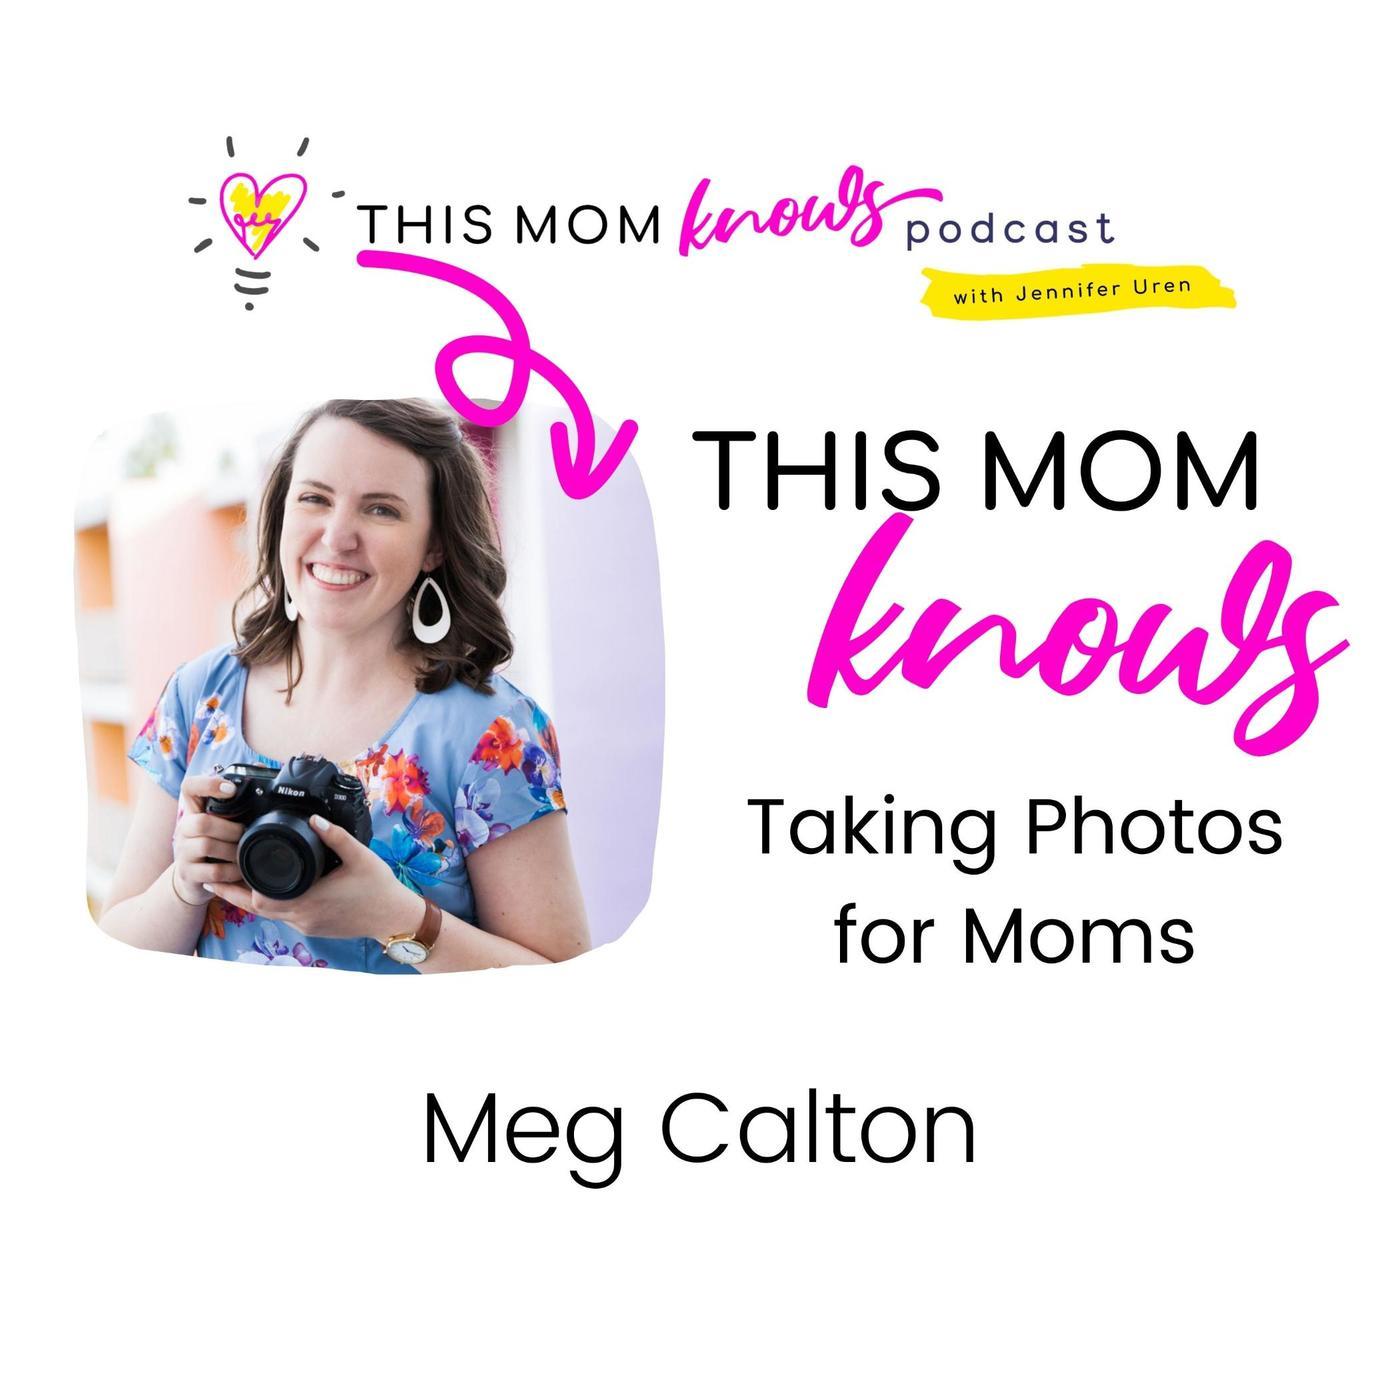 Meg Calton on Taking Photos for Moms